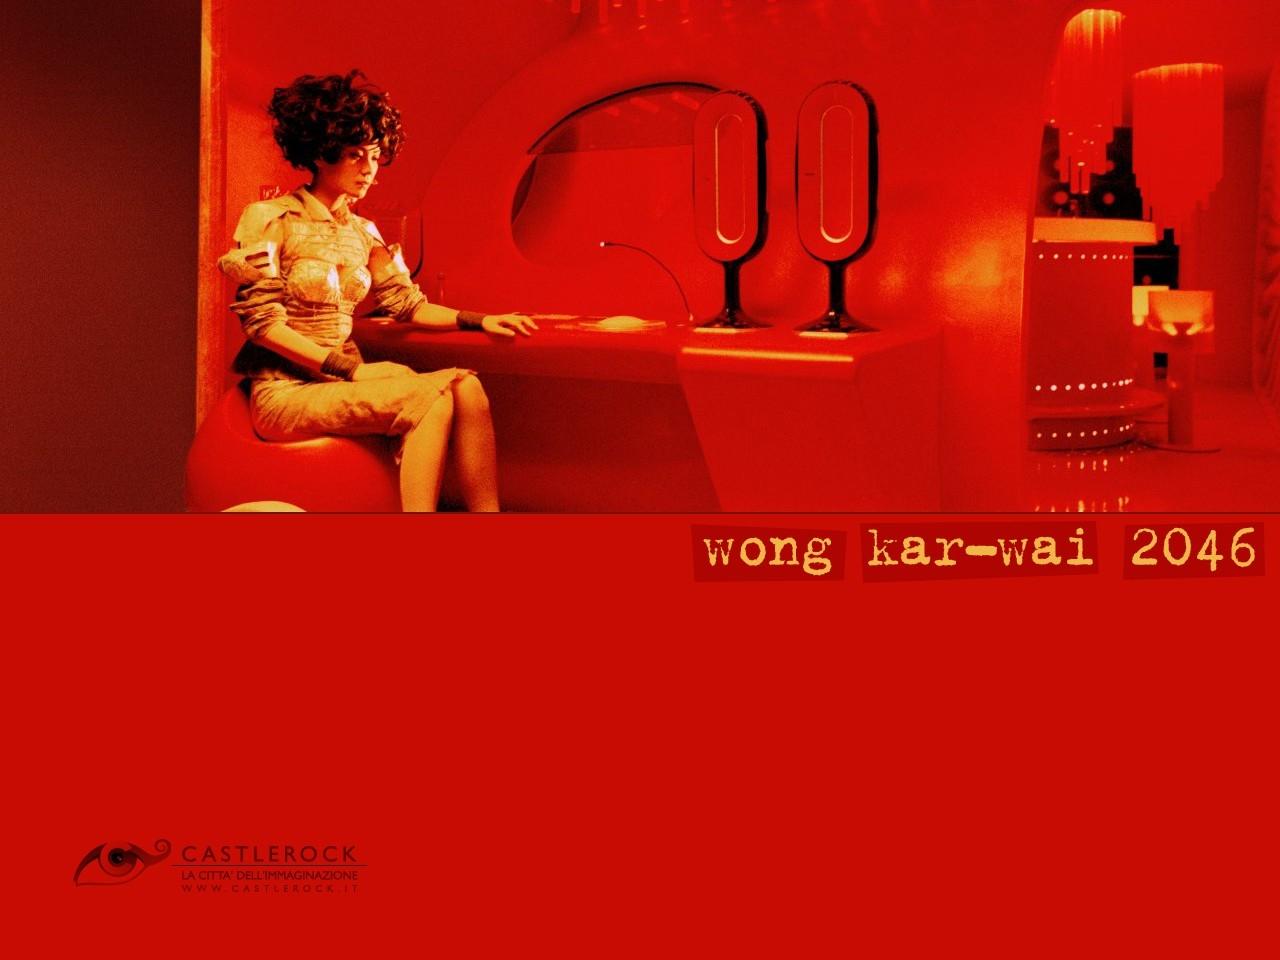 Wallpaper del film 2046